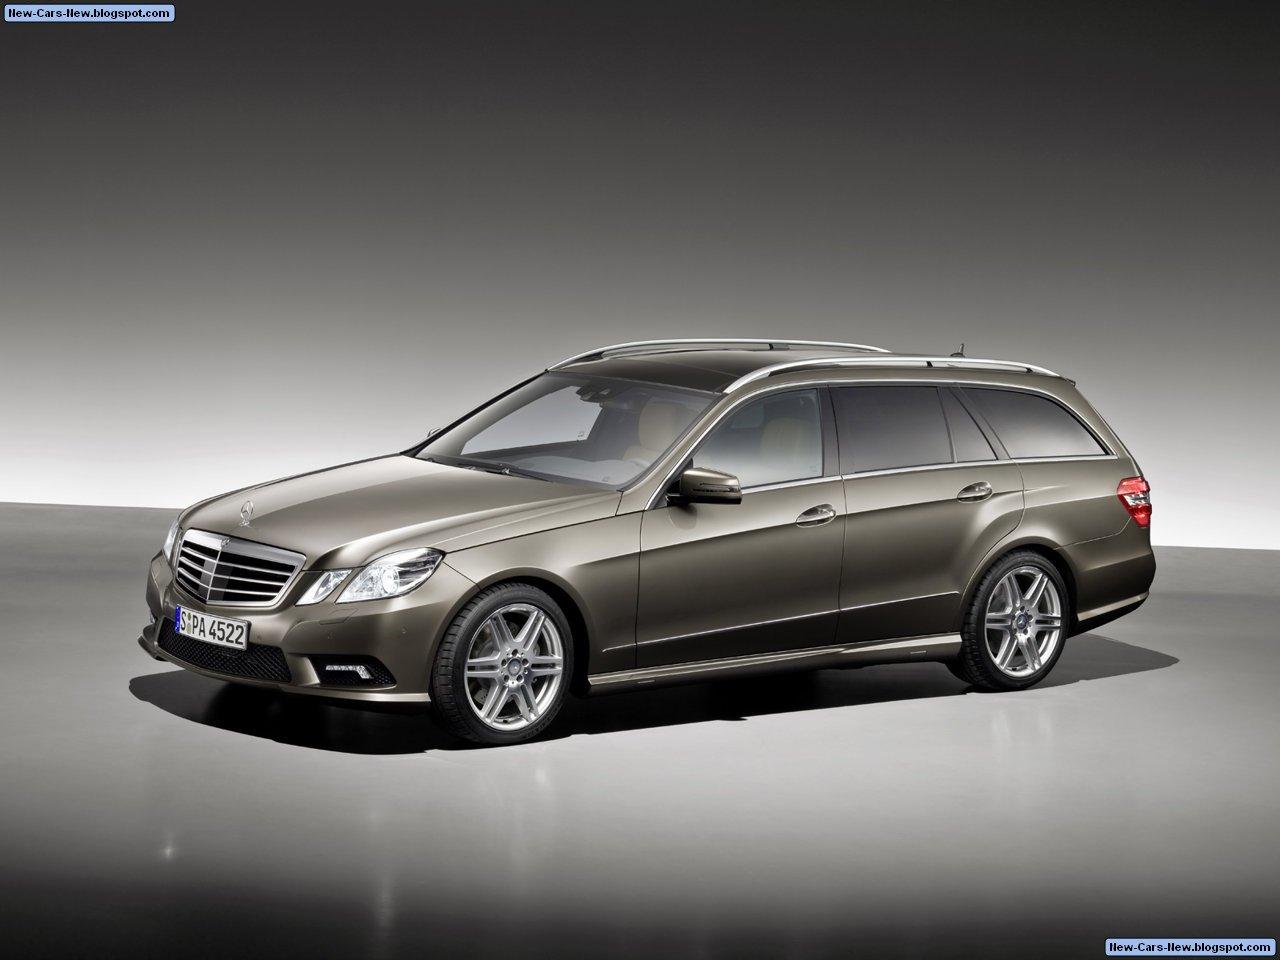 All Types mercedes e class estate 2010 : Mercedes-Benz E-Class Estate (2010) << car modification